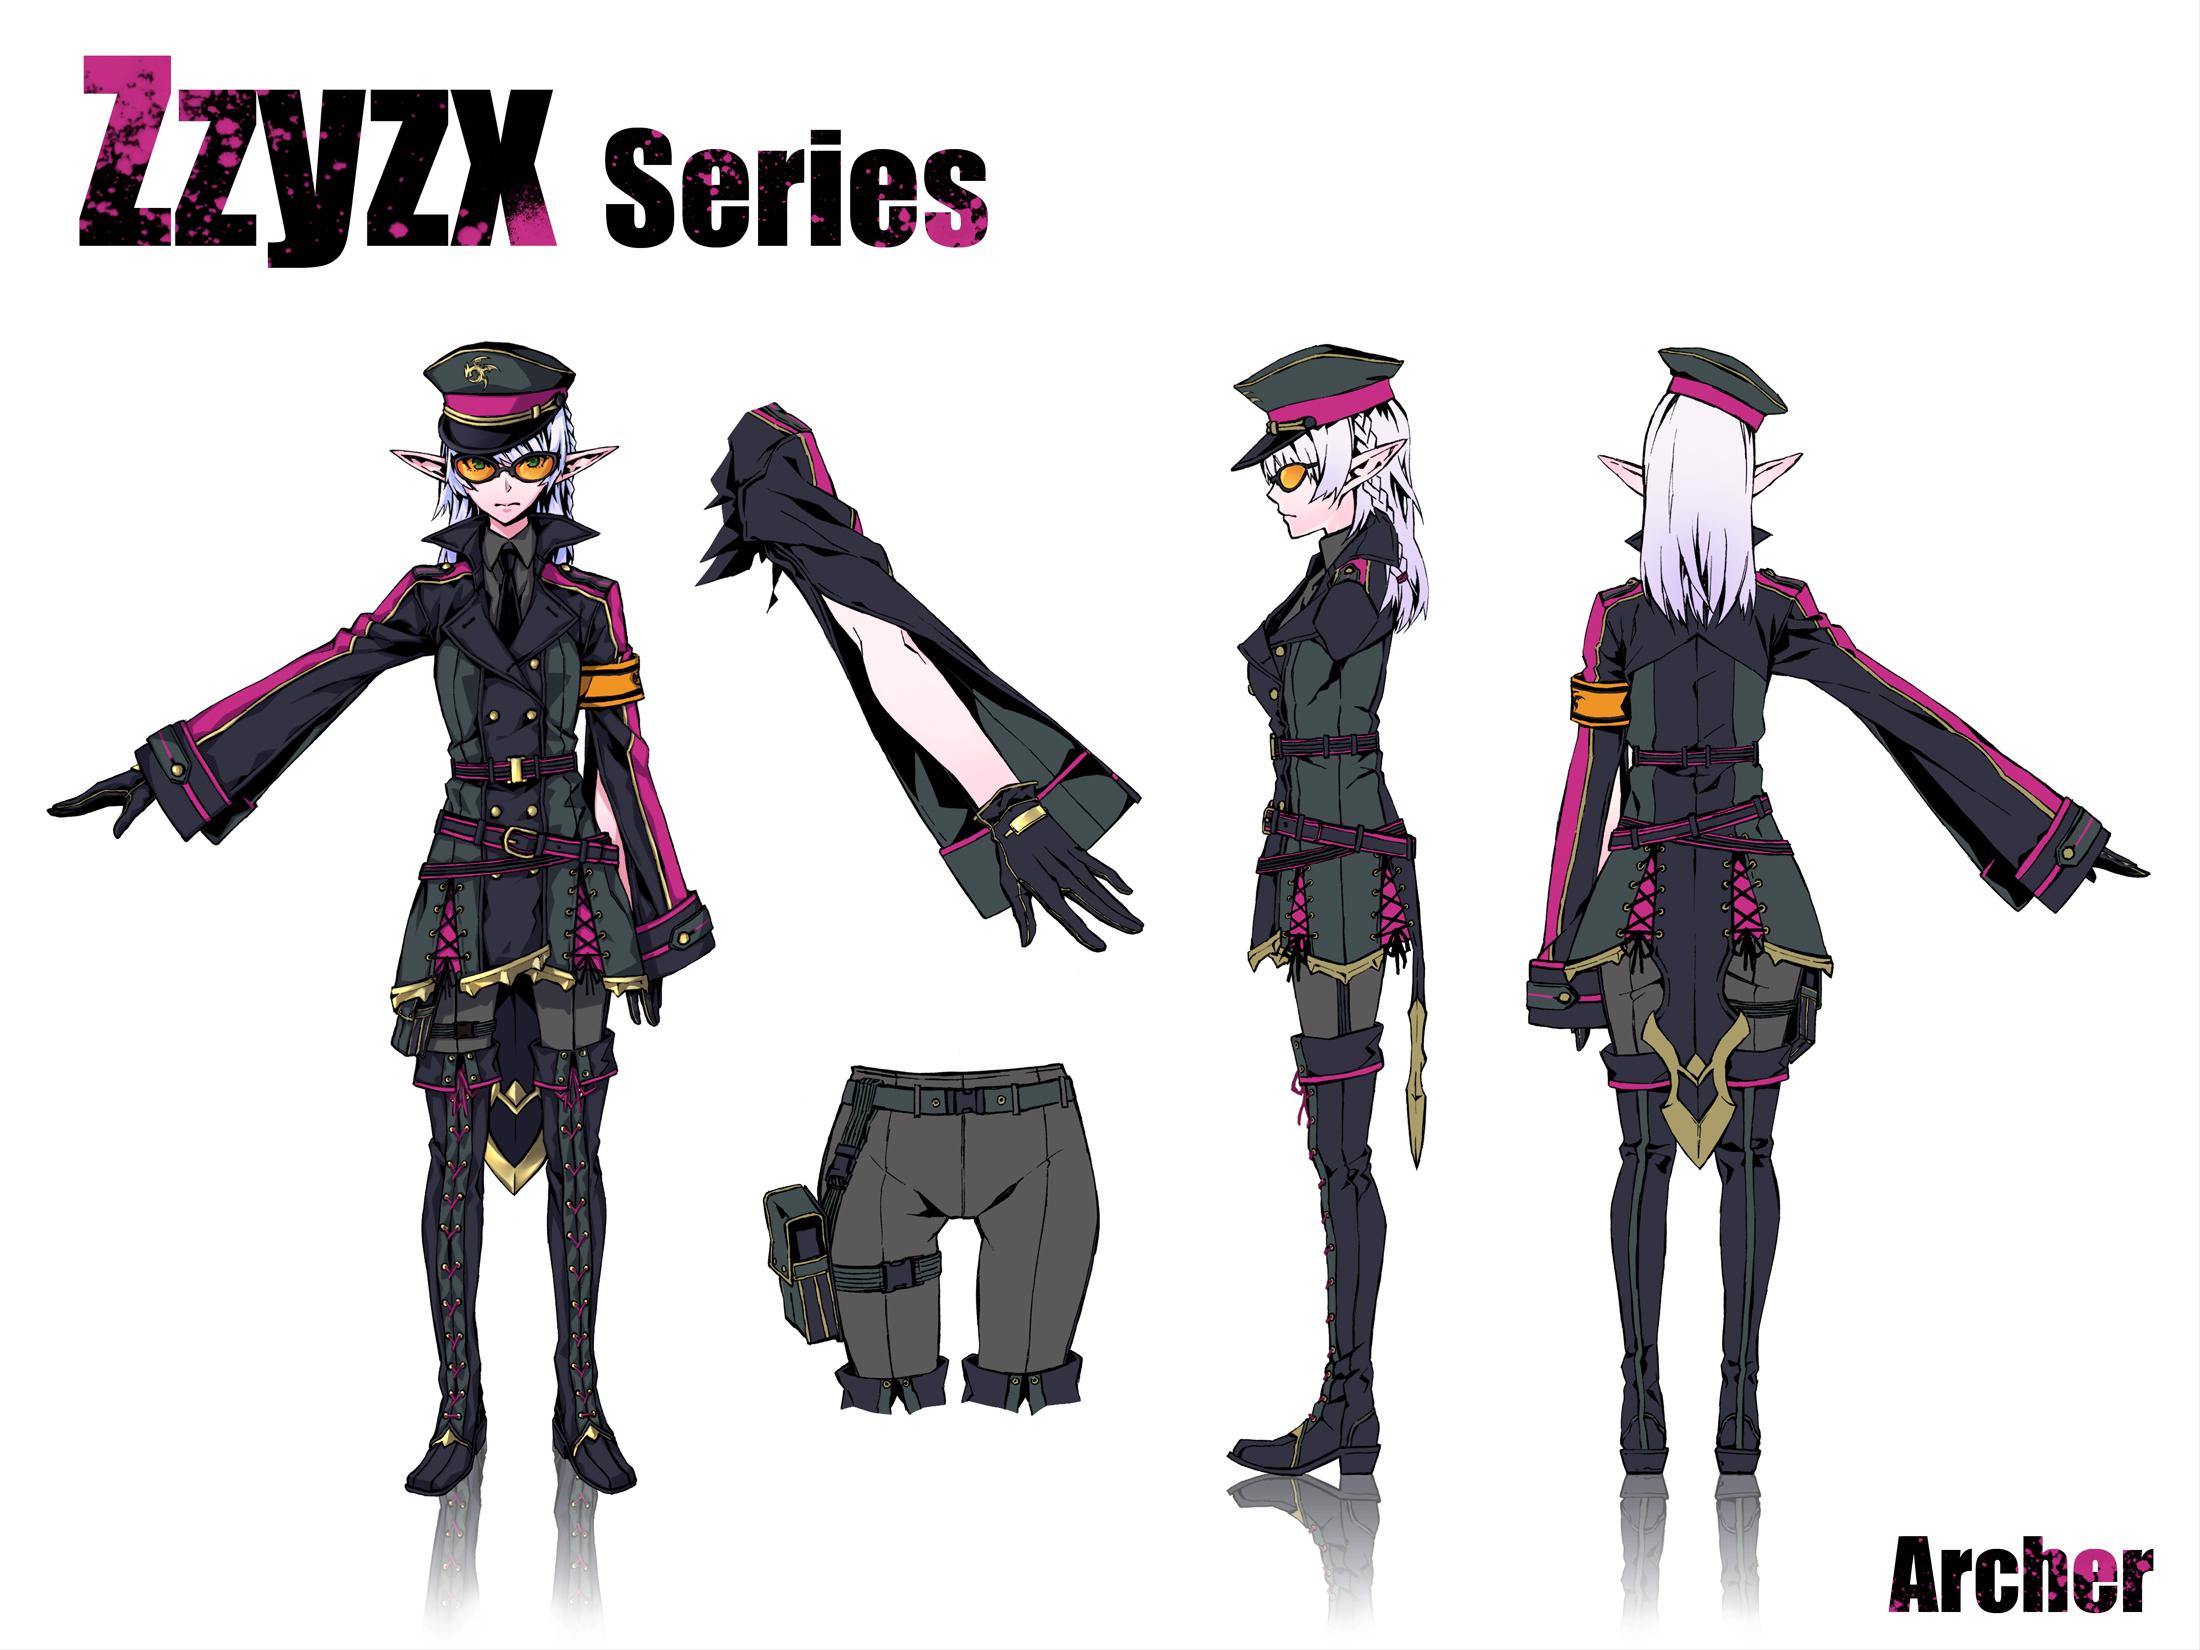 zzyzx(修正版)